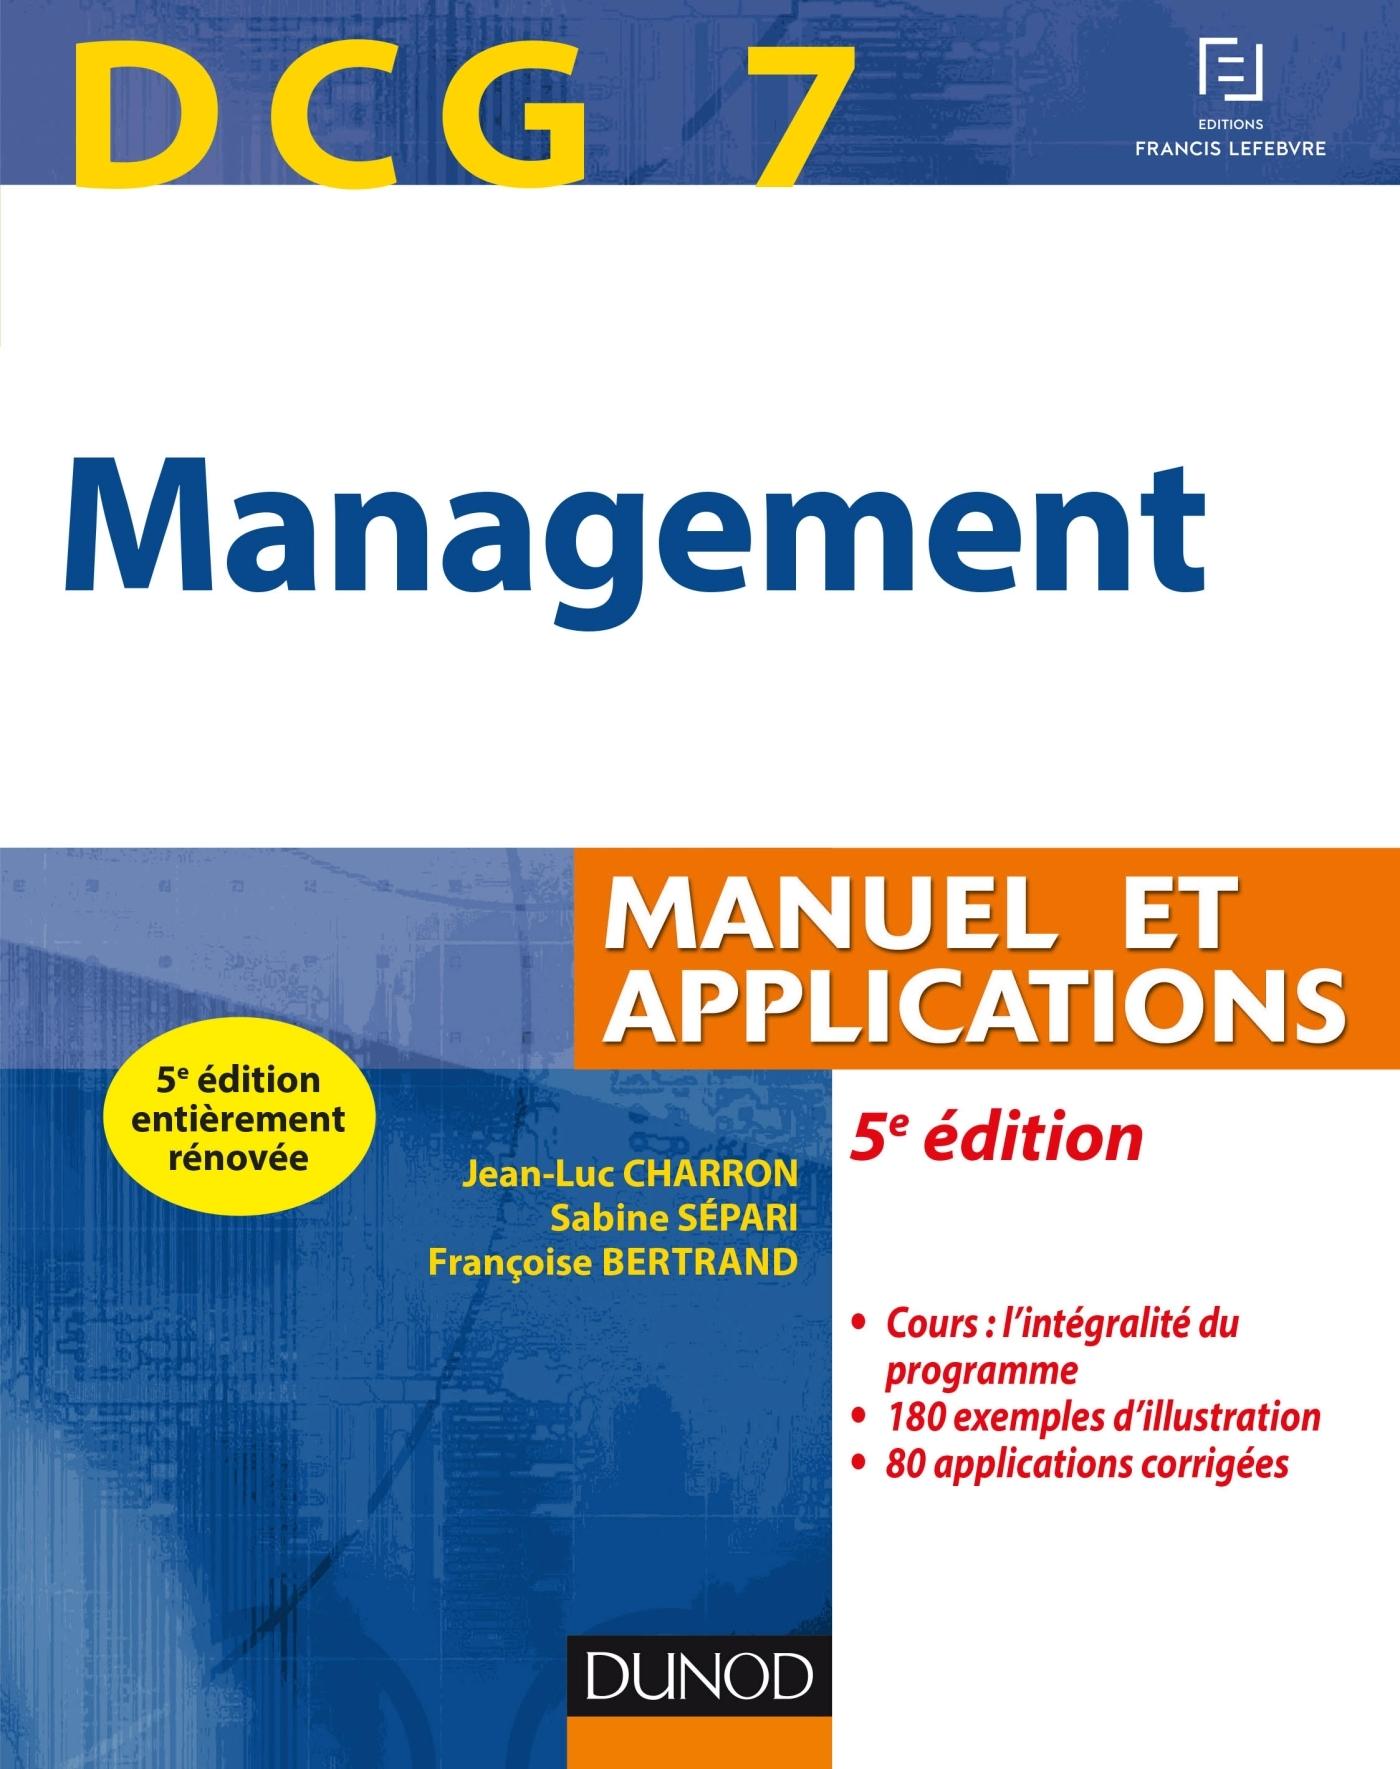 DCG 7 - MANAGEMENT - 5E ED. - MANUEL ET APPLICATIONS, CORRIGES INCLUS - DCG 7 - MANAGEMENT - DCG 7 -